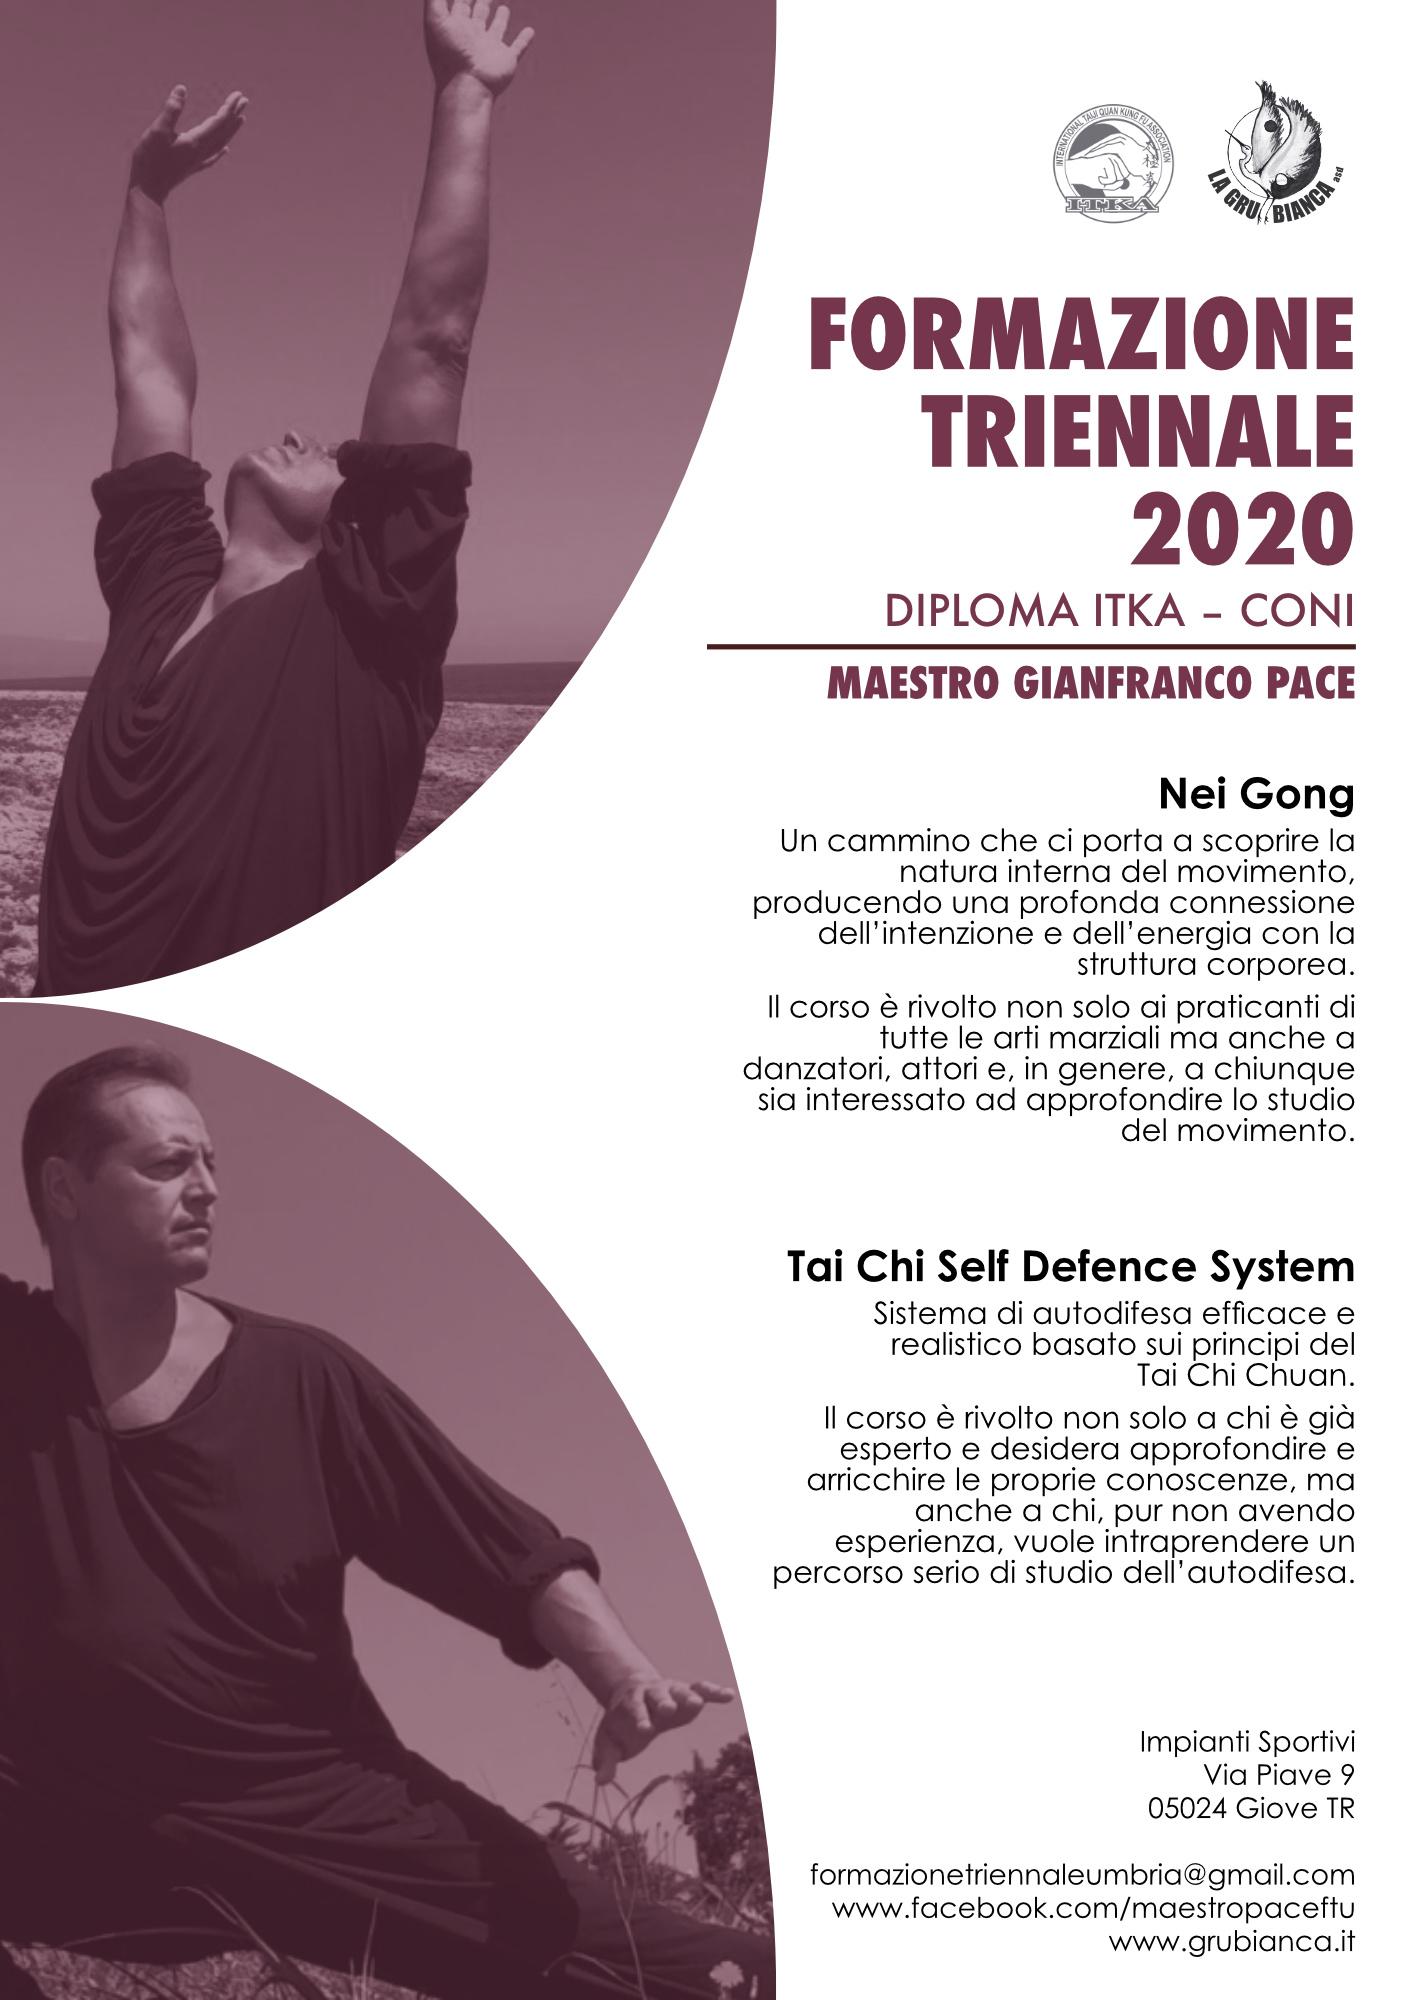 Maestro Gianfranco Pace - Corso di Formazione Triennale in Umbria